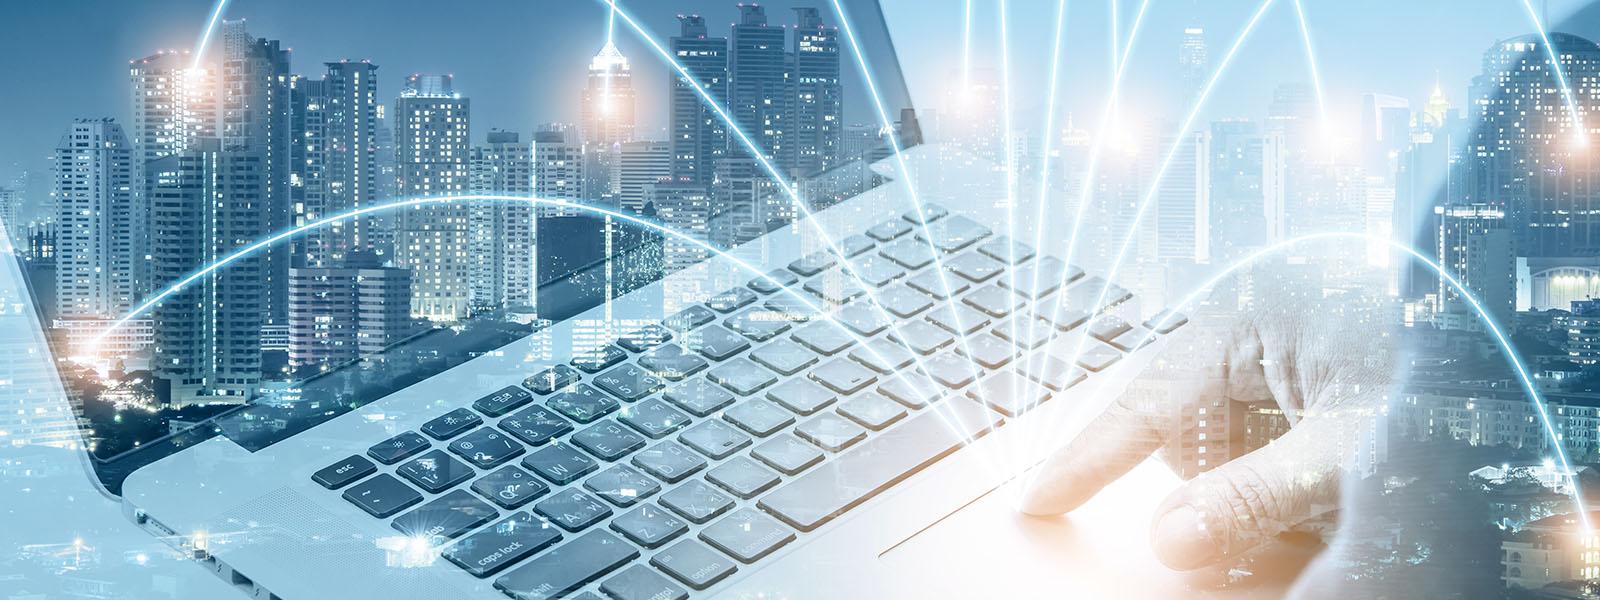 cloud audit tools